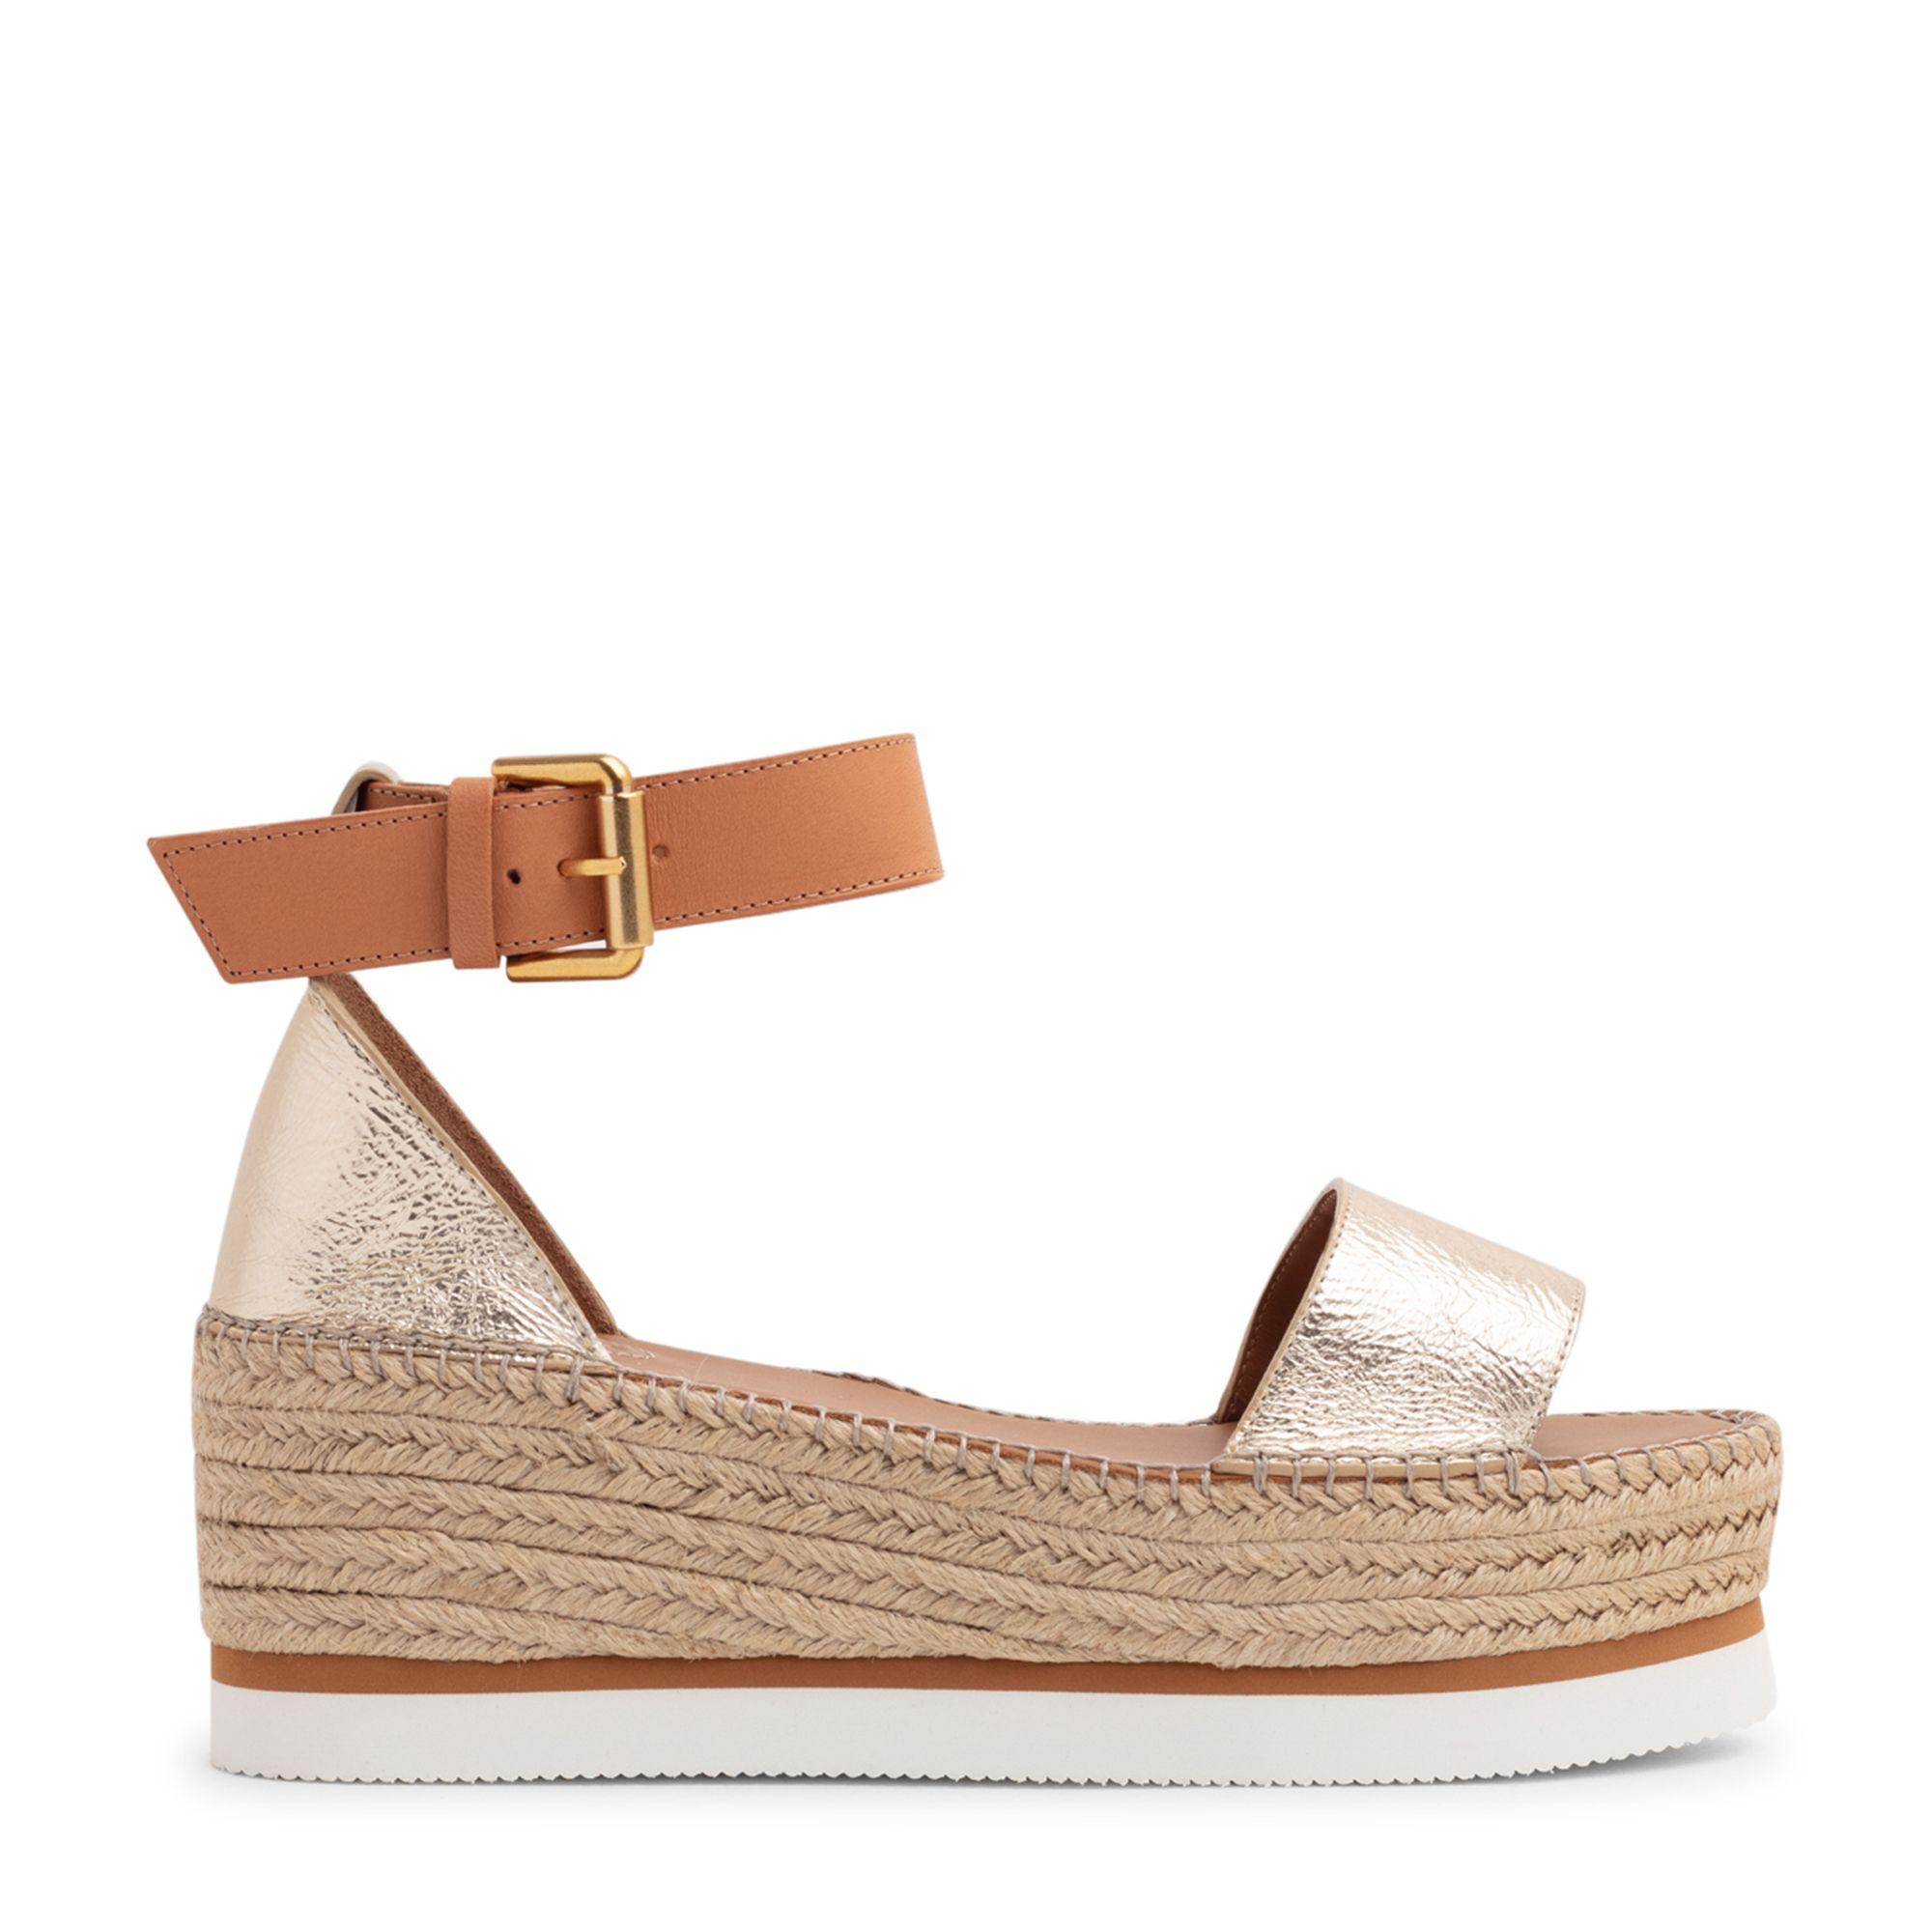 Glyn platform sandals